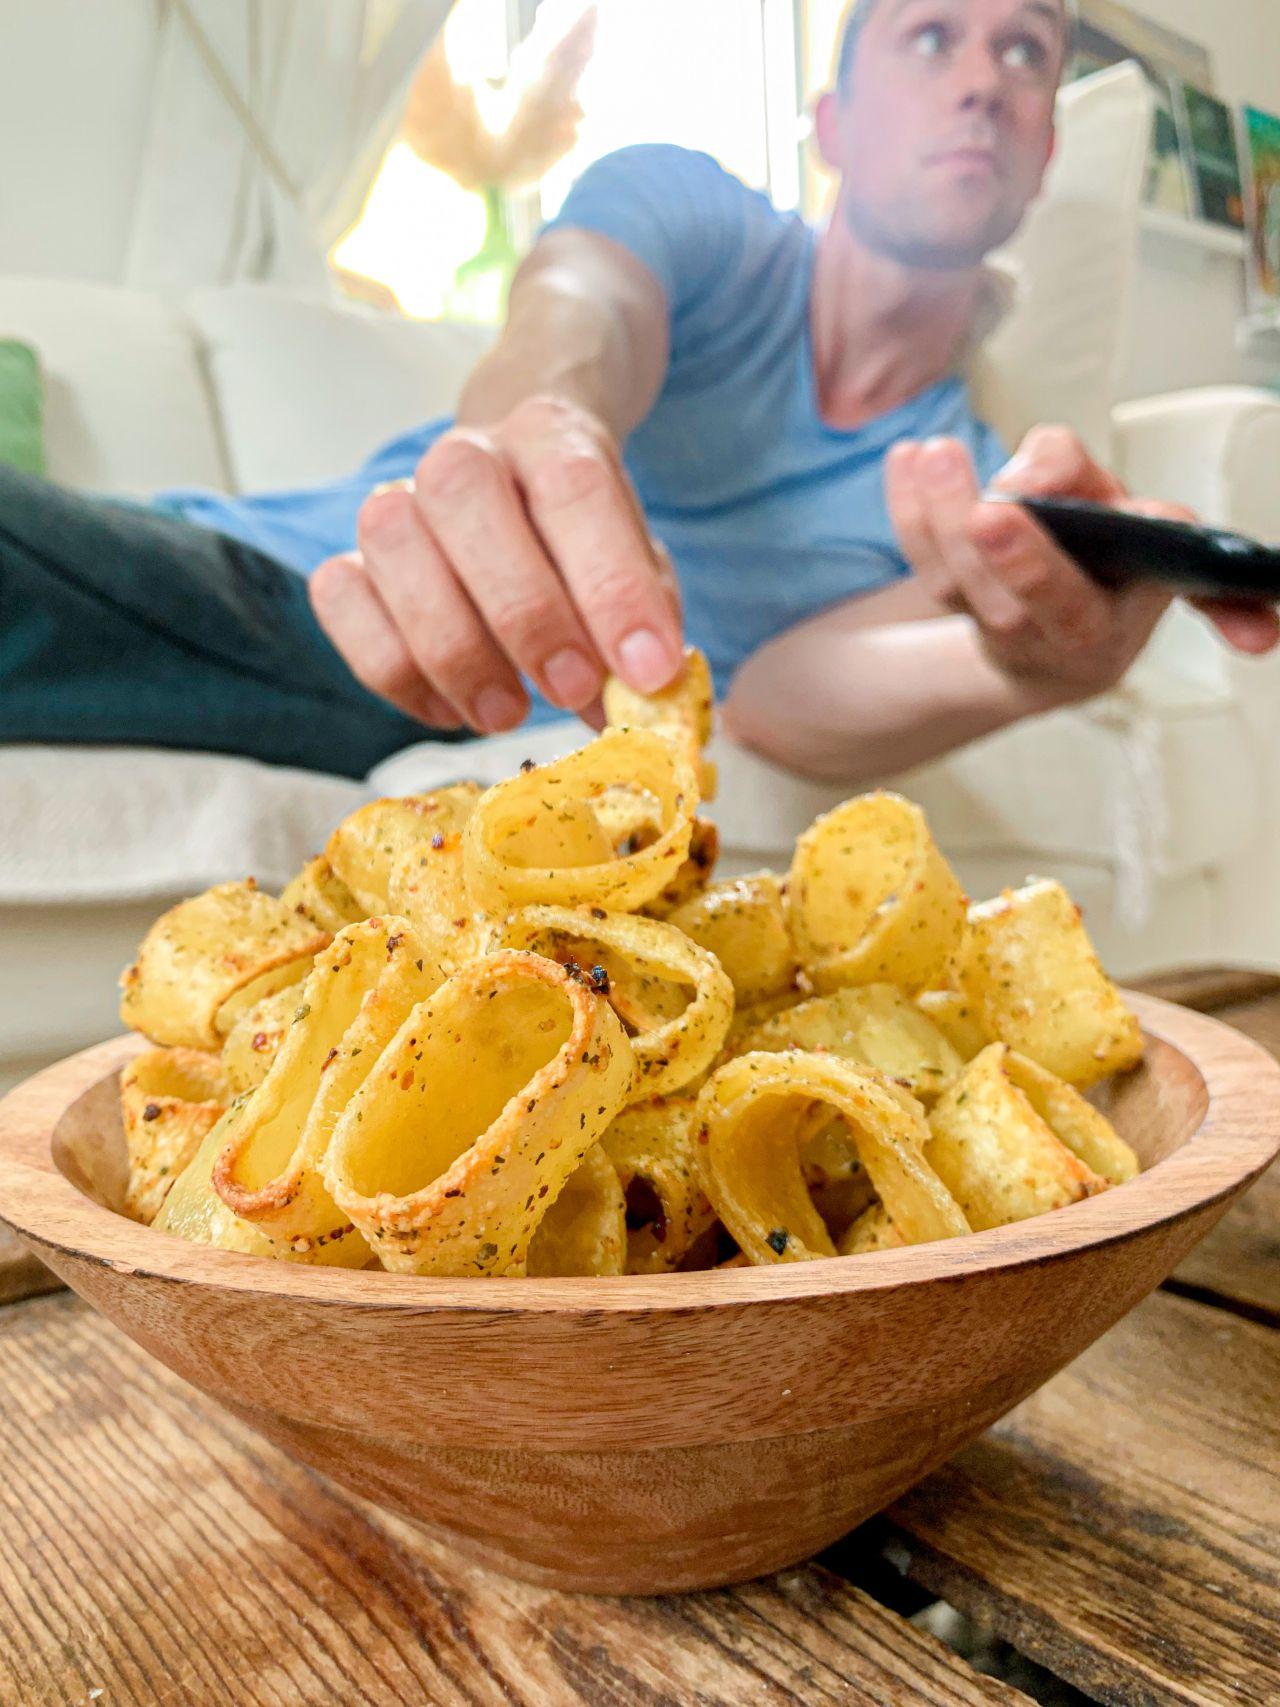 Pasta-Chips selber machen: Das Rezept zum TikTok-Trend